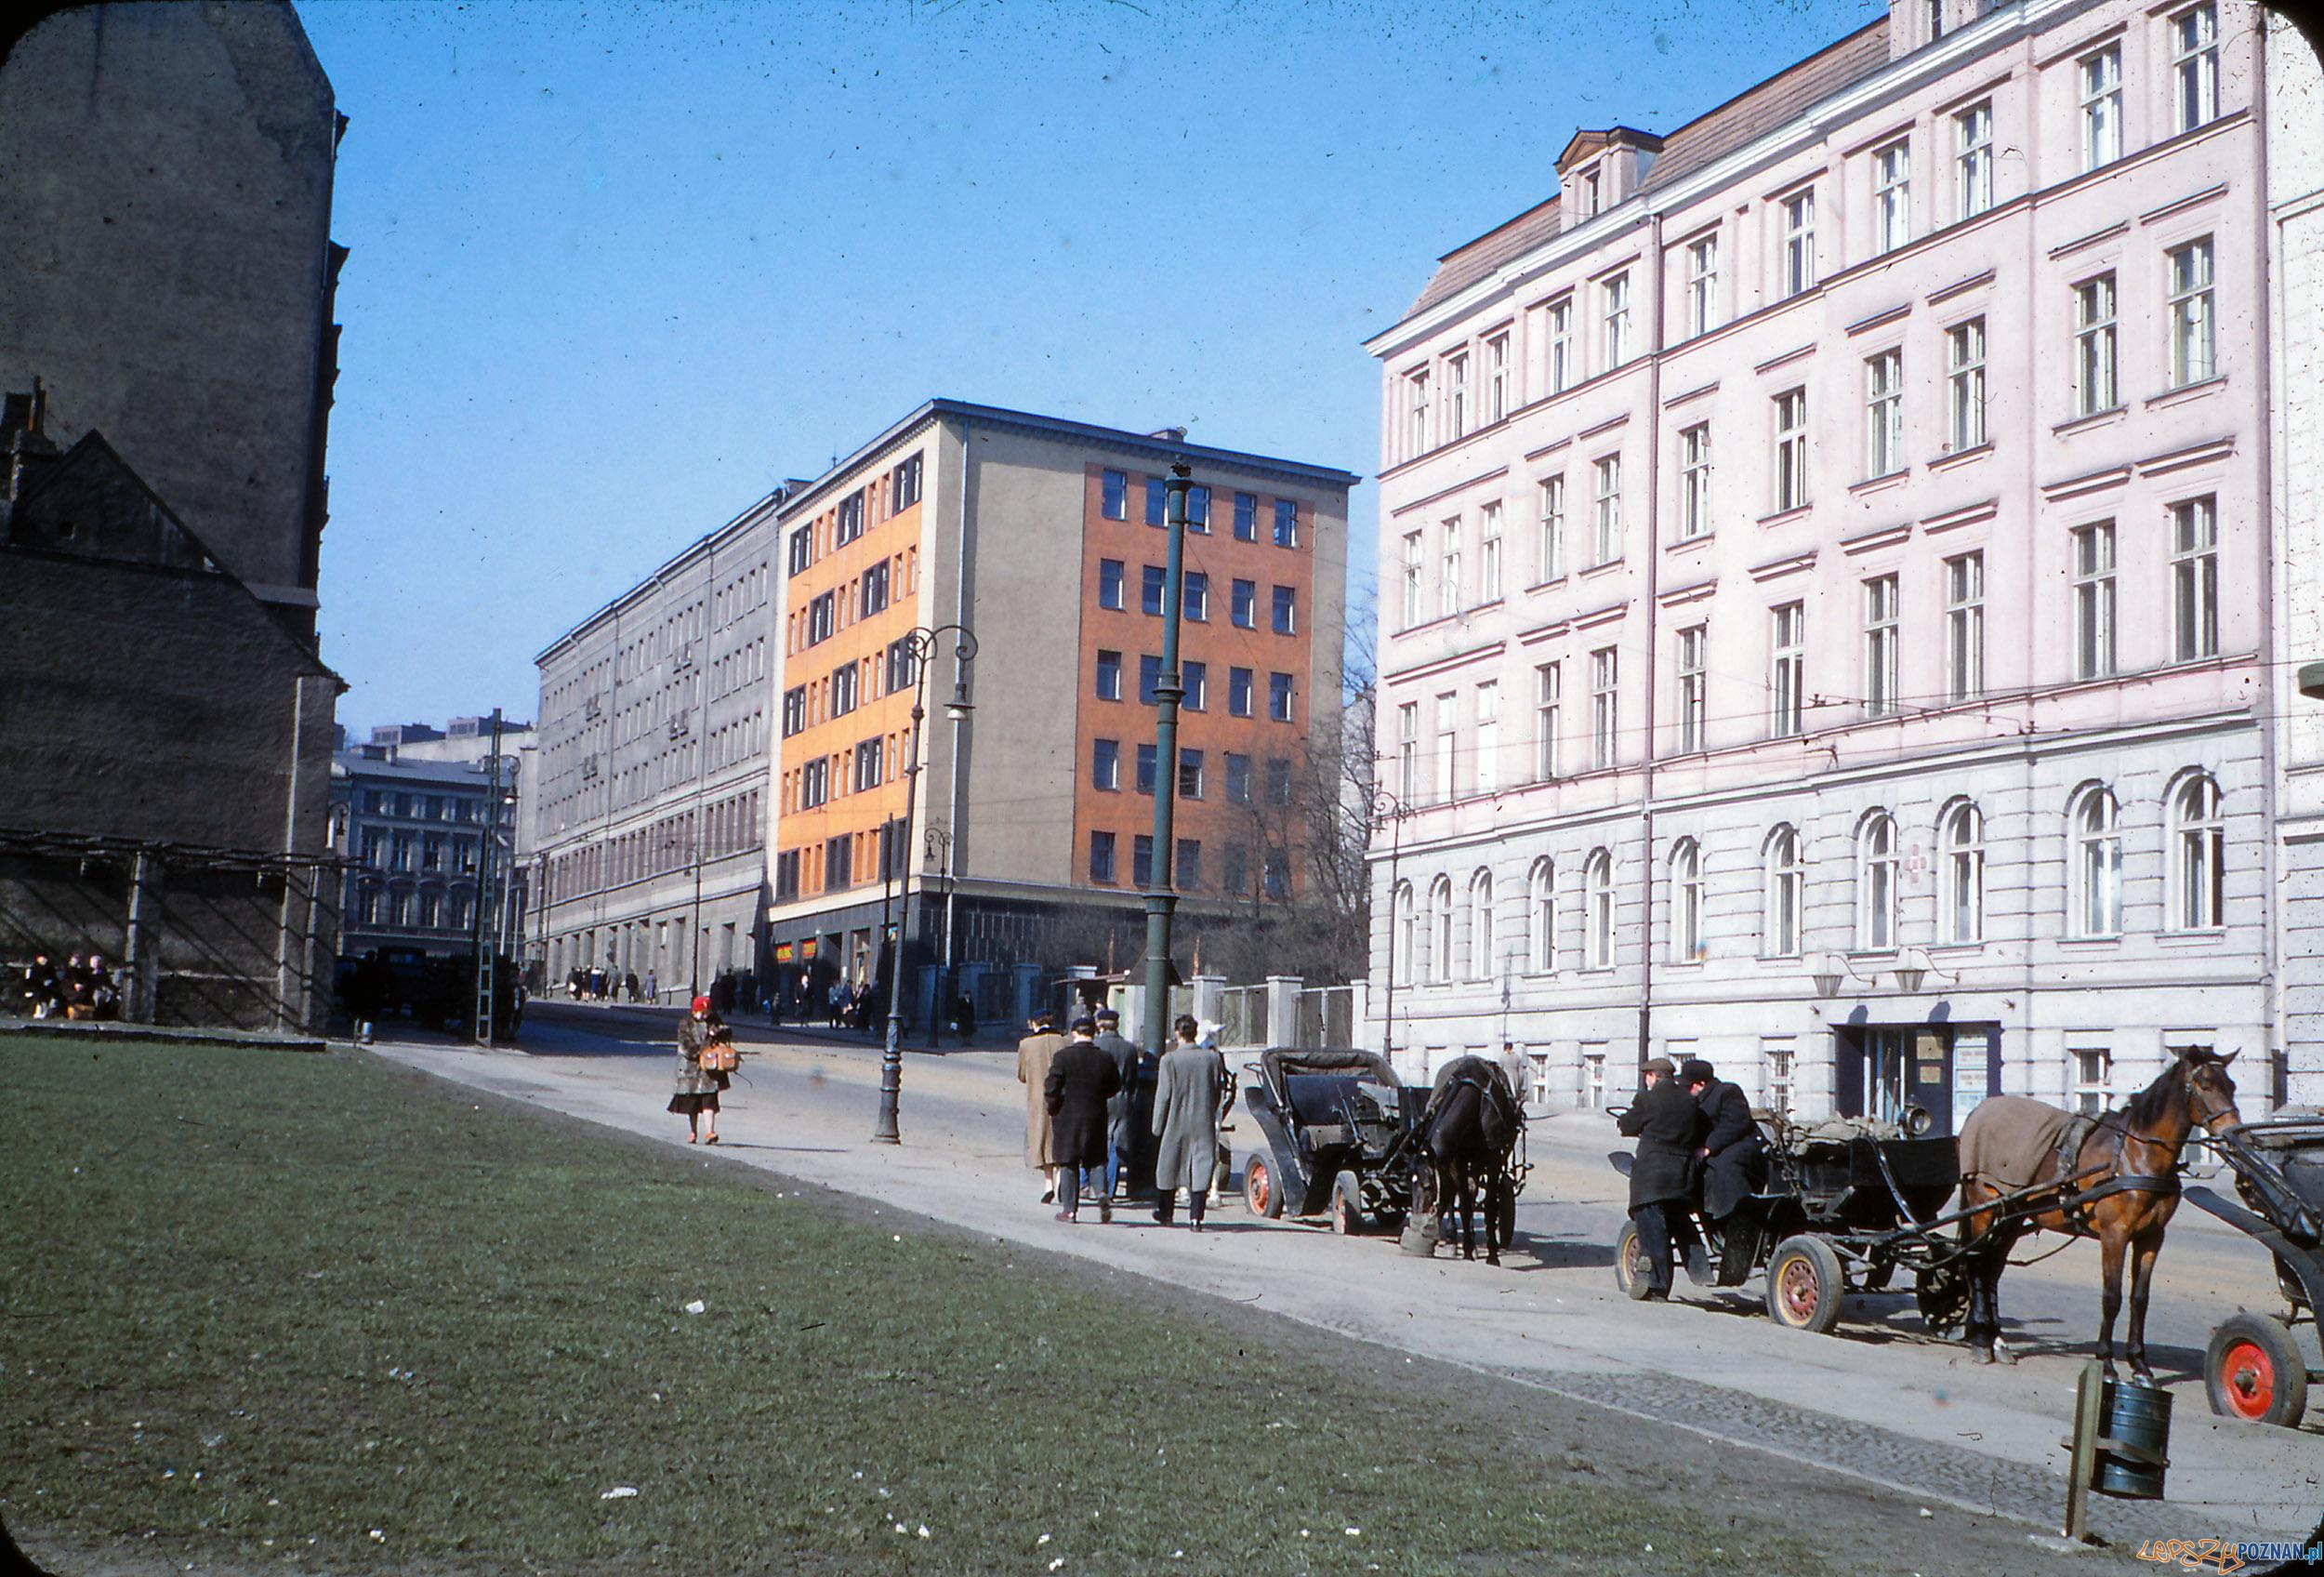 Podgórna - koniec lat 50-tych  Foto: Mogens Tørsleff, kolekcja Gorma Rudschinata / Flickr / CC